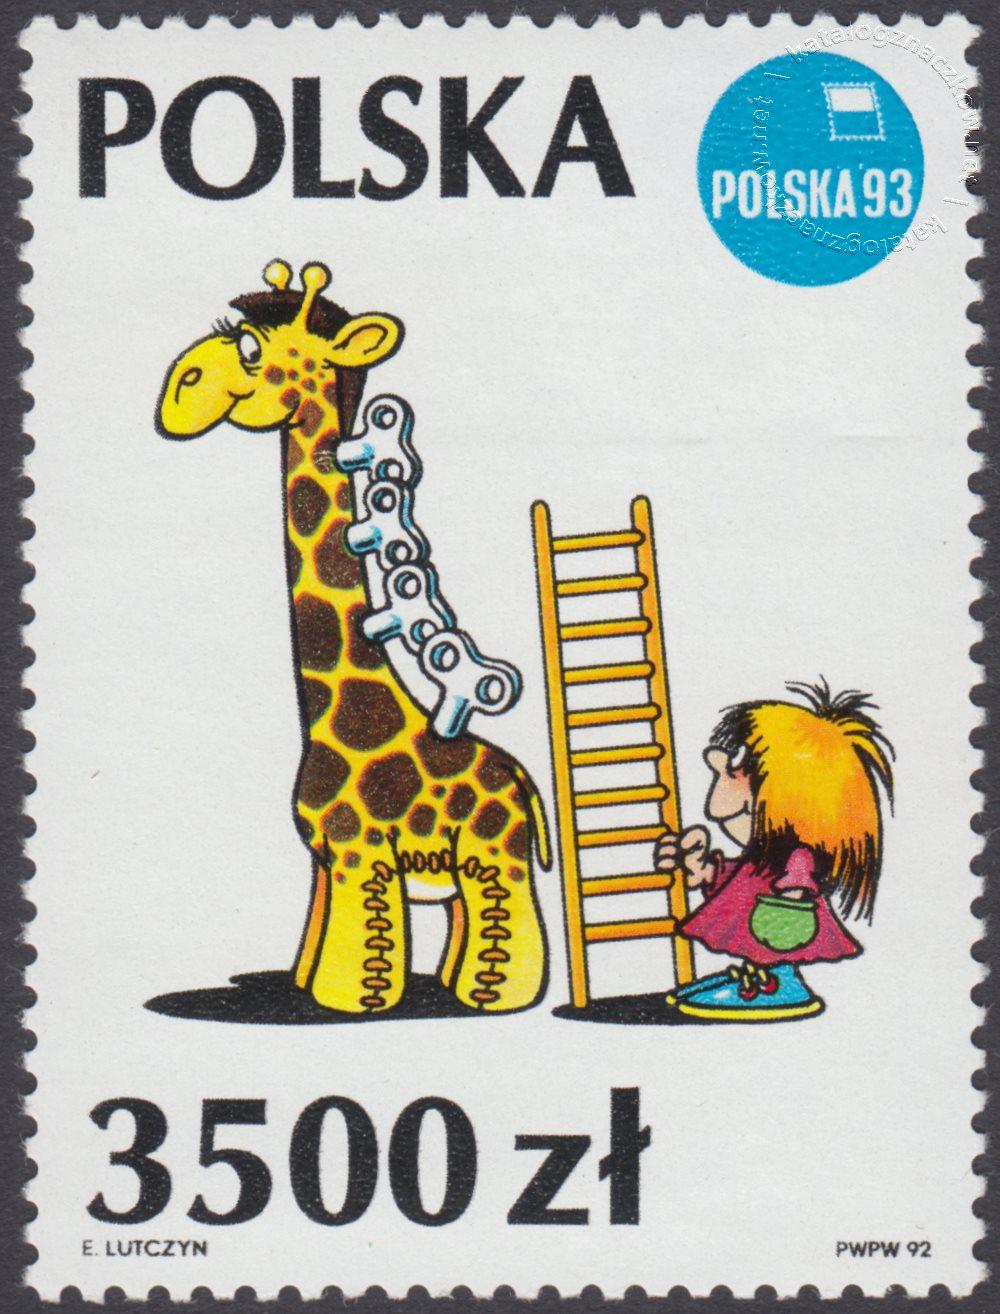 Świat ilustracji Edwarda Lutczyna znazek nr 3264